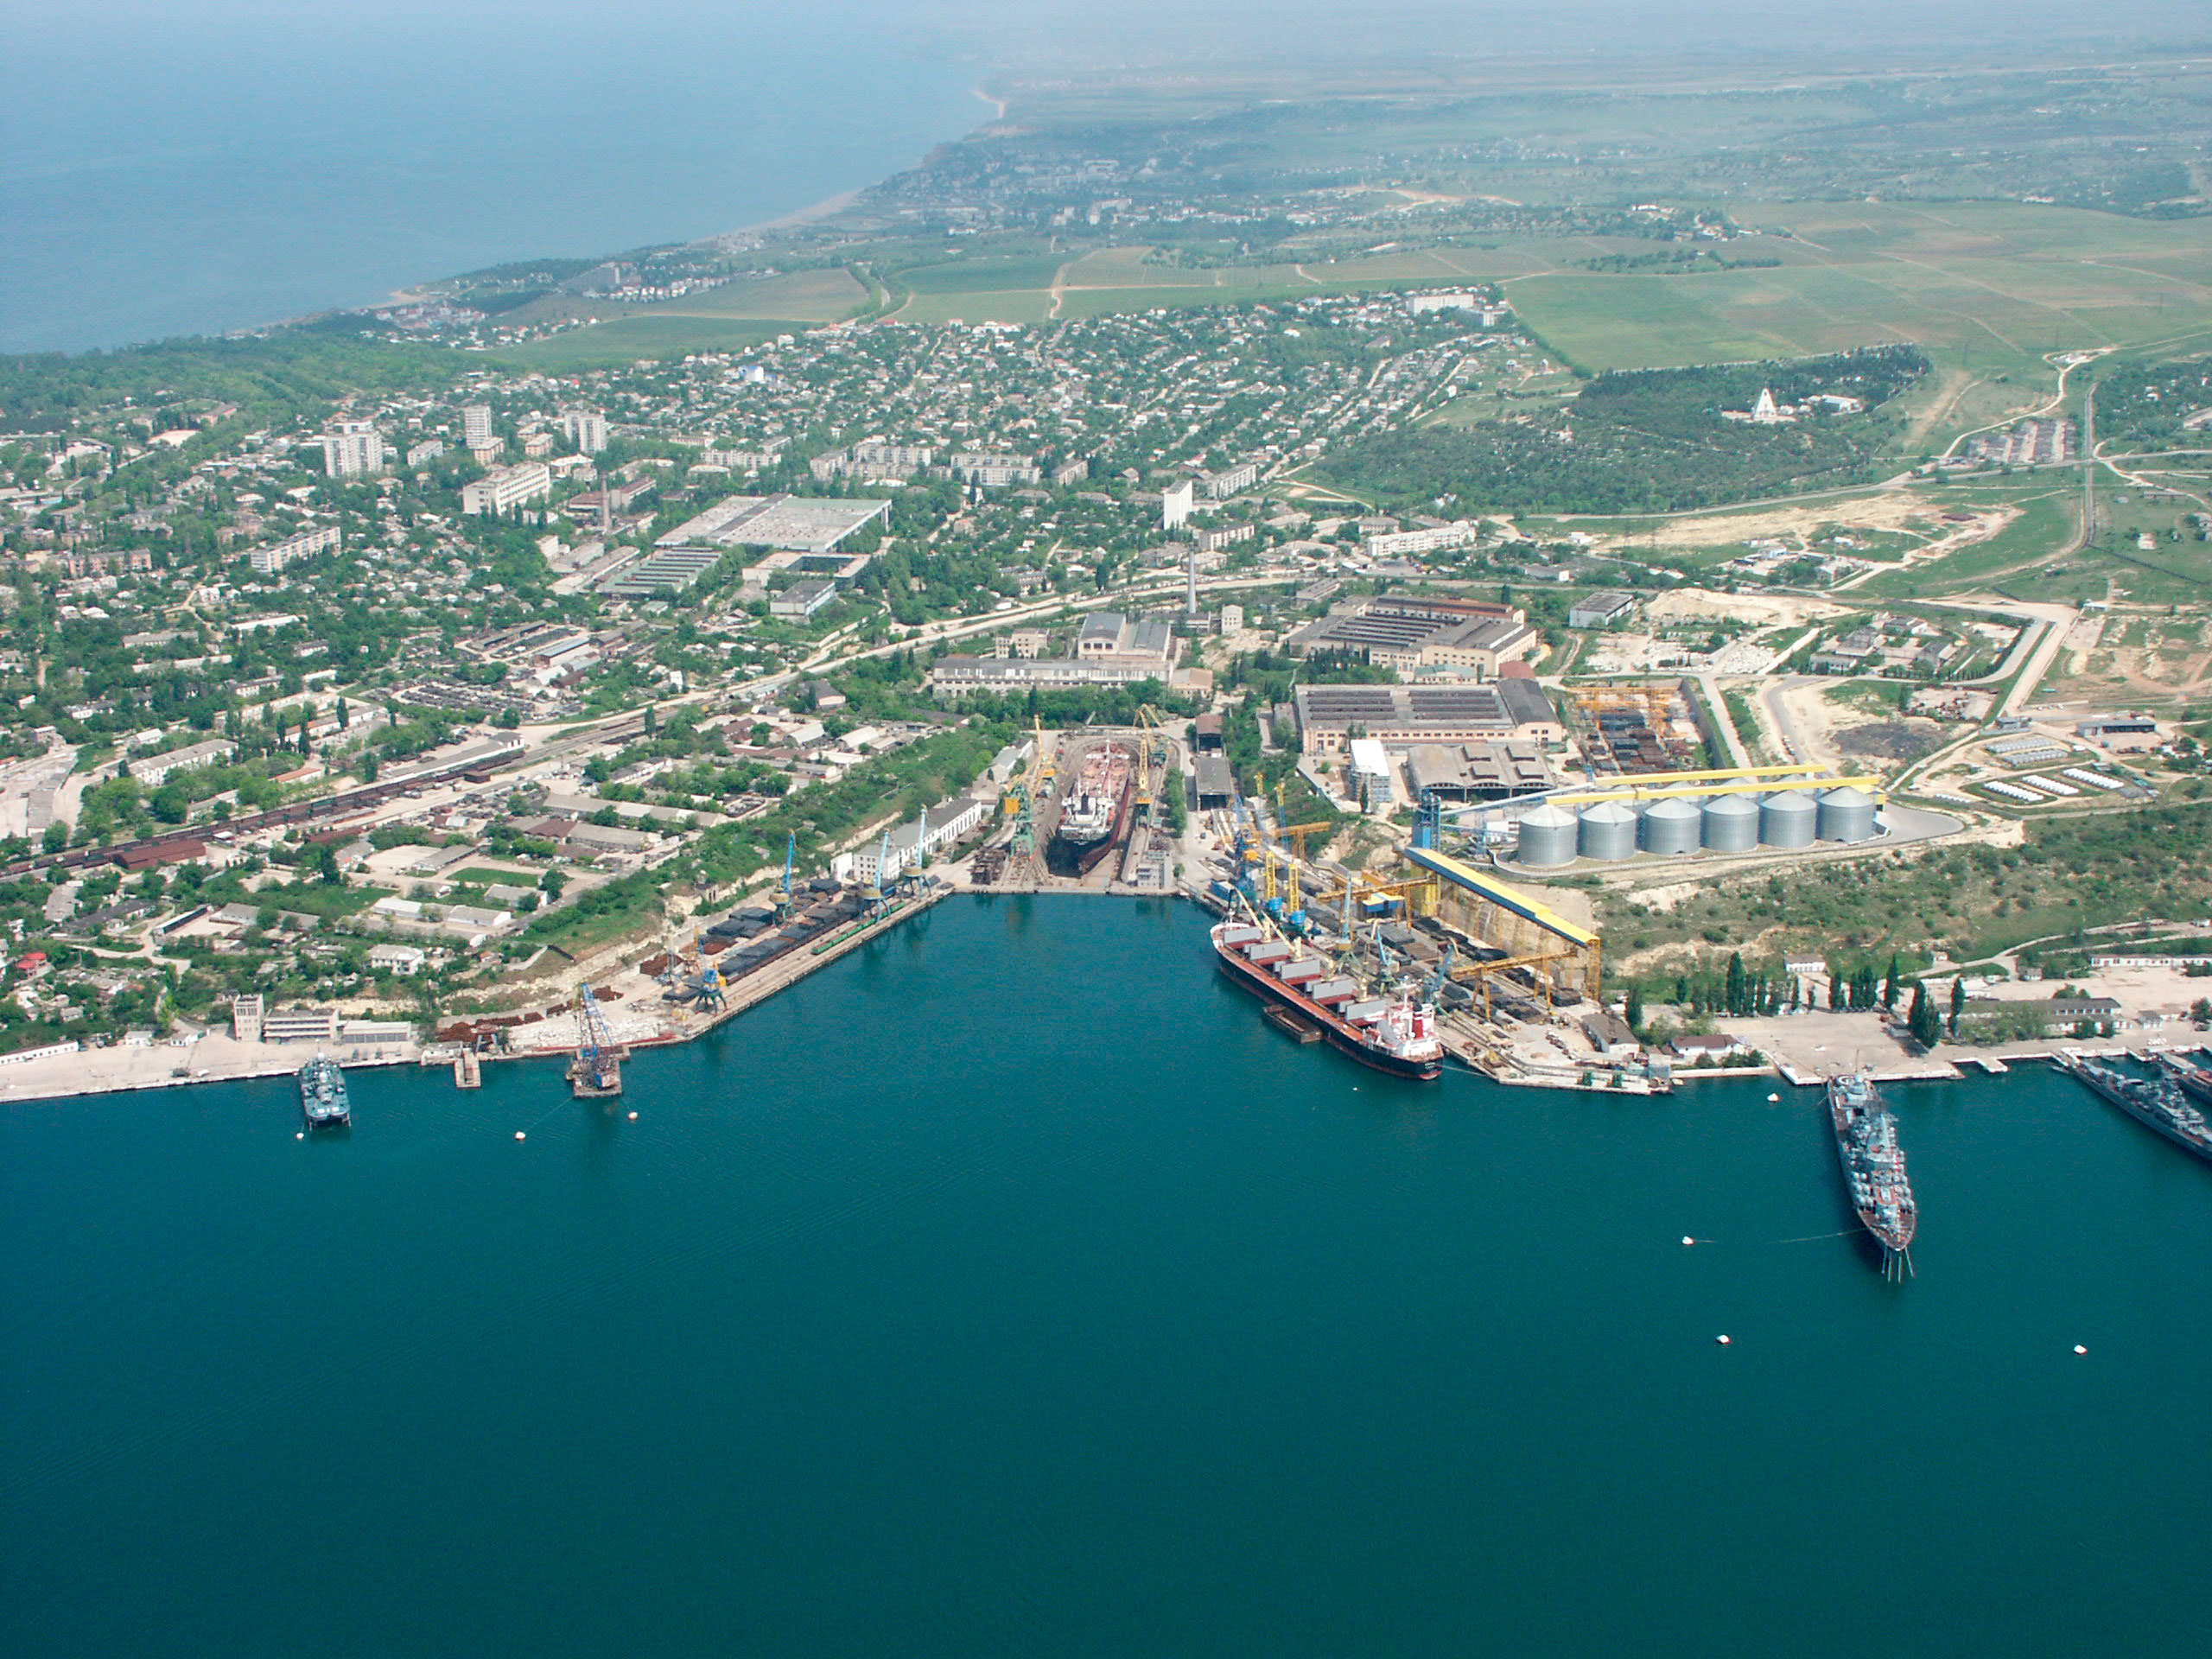 Севастопольская бухта картинки